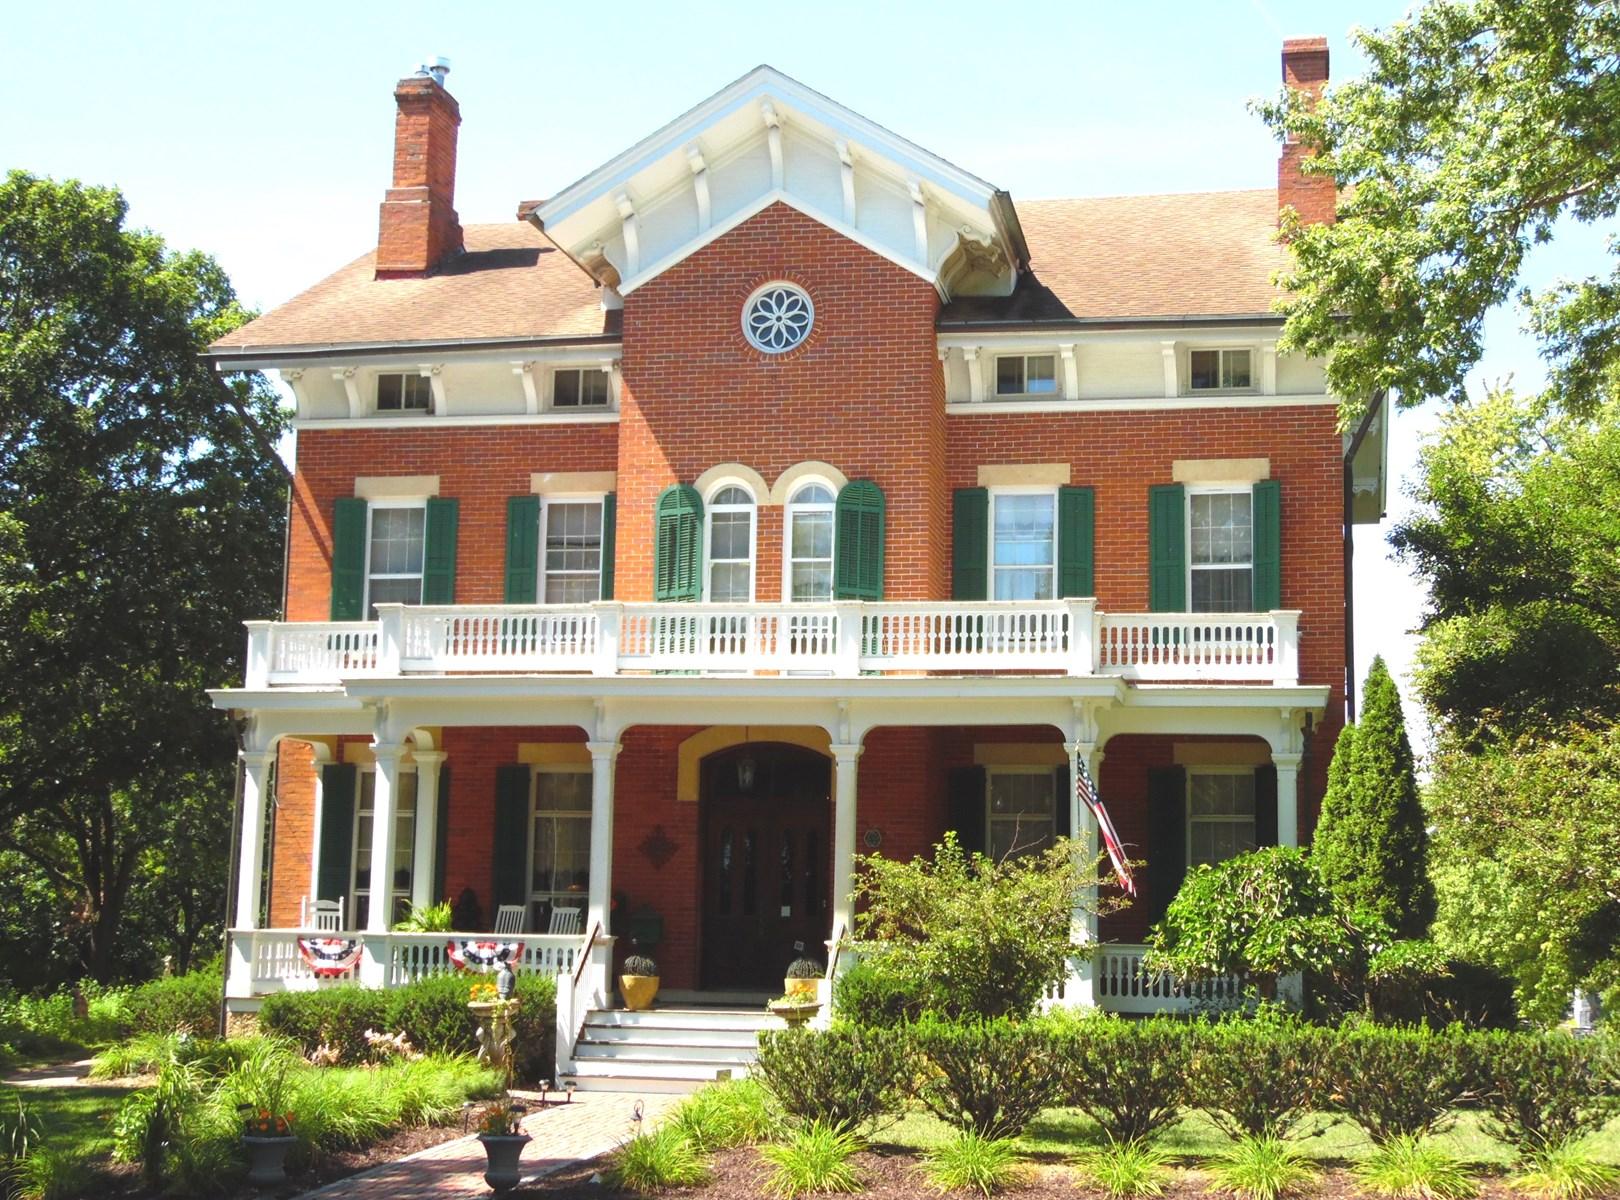 Historic Bed & Breakfast in Galena IL